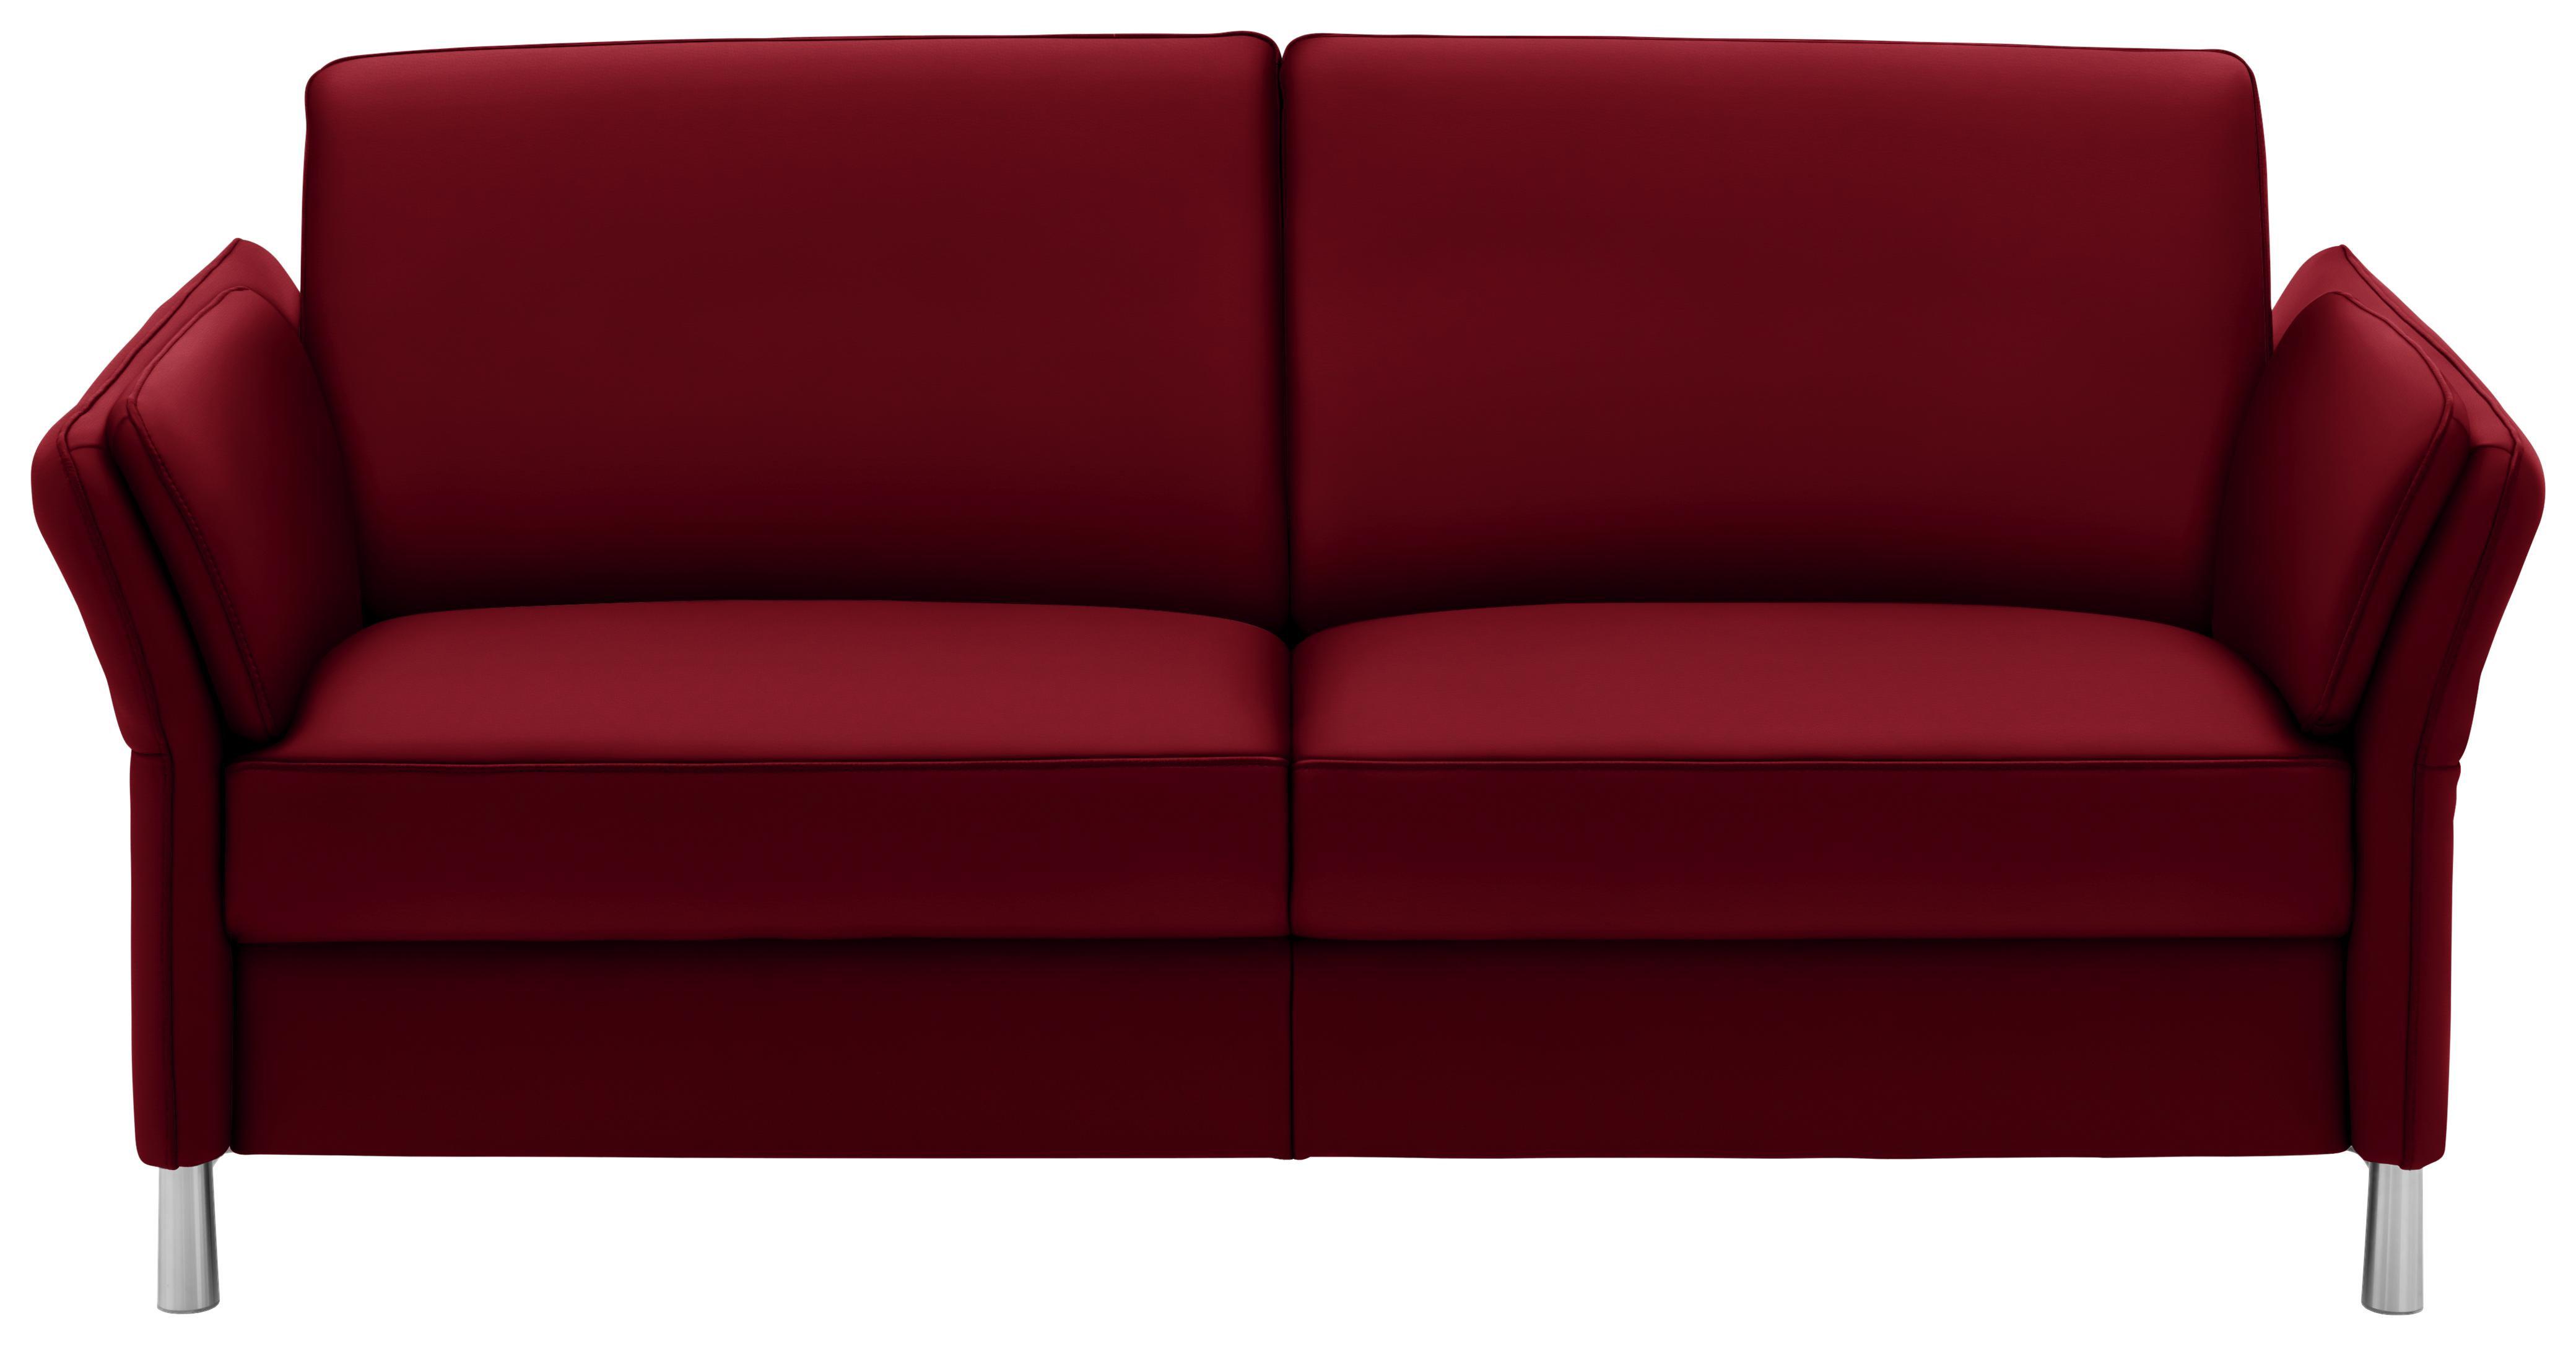 Dreisitzer Sofa In Leder Rot Online Kaufen Xxxlutz